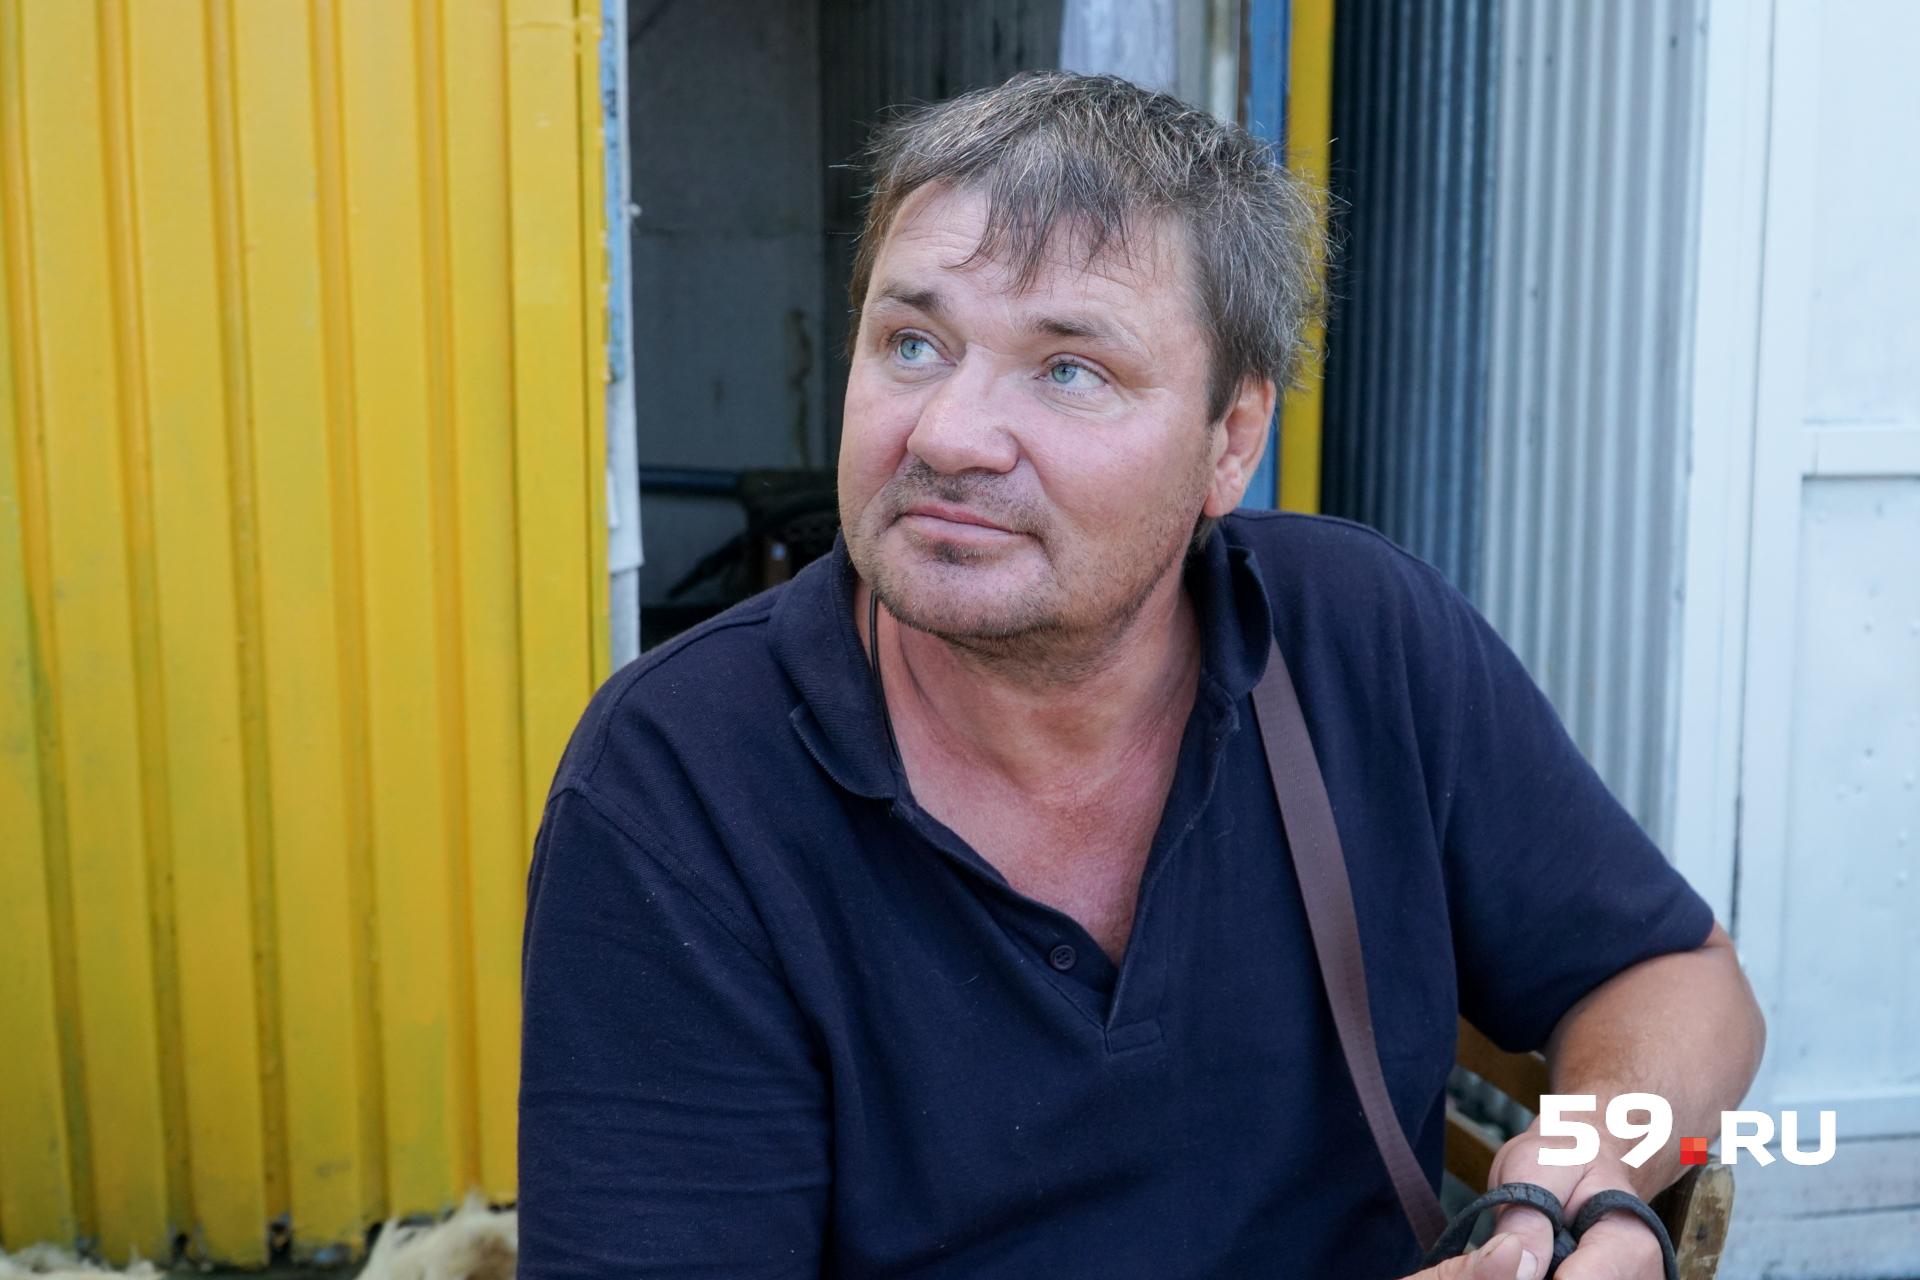 Геннадий проработал на рынке 25 лет— своё ИП, налоги. Сейчас думает, что делать дальше